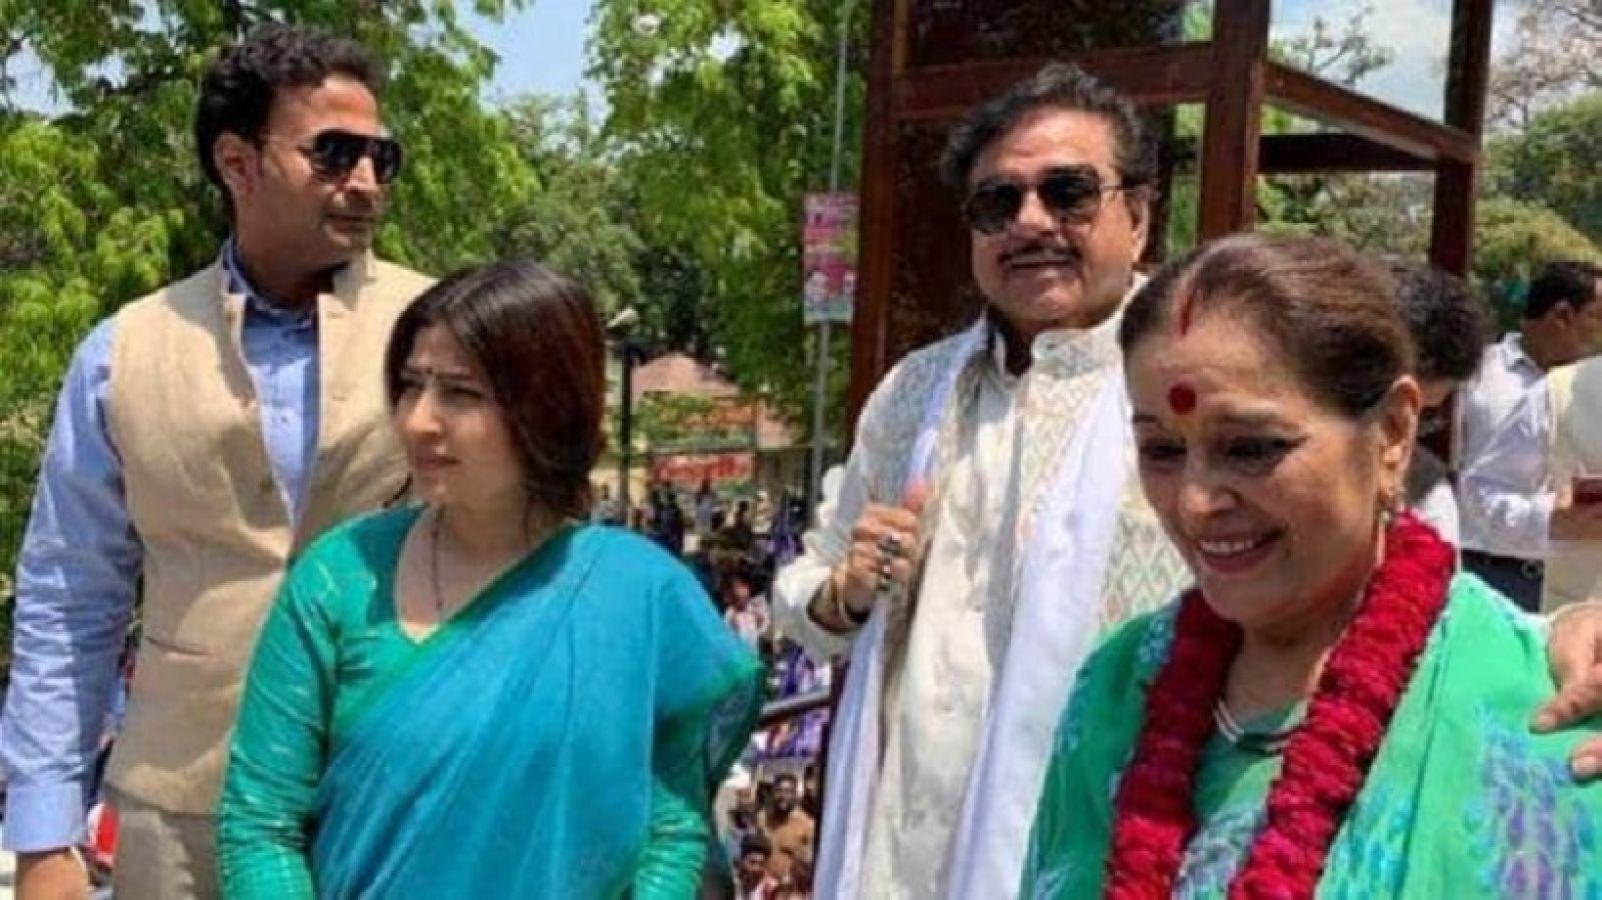 शत्रु ने अपनी पत्नी के लिए किया चुनाव प्रचार, कांग्रेस नेता ने लिया आड़े हाथ